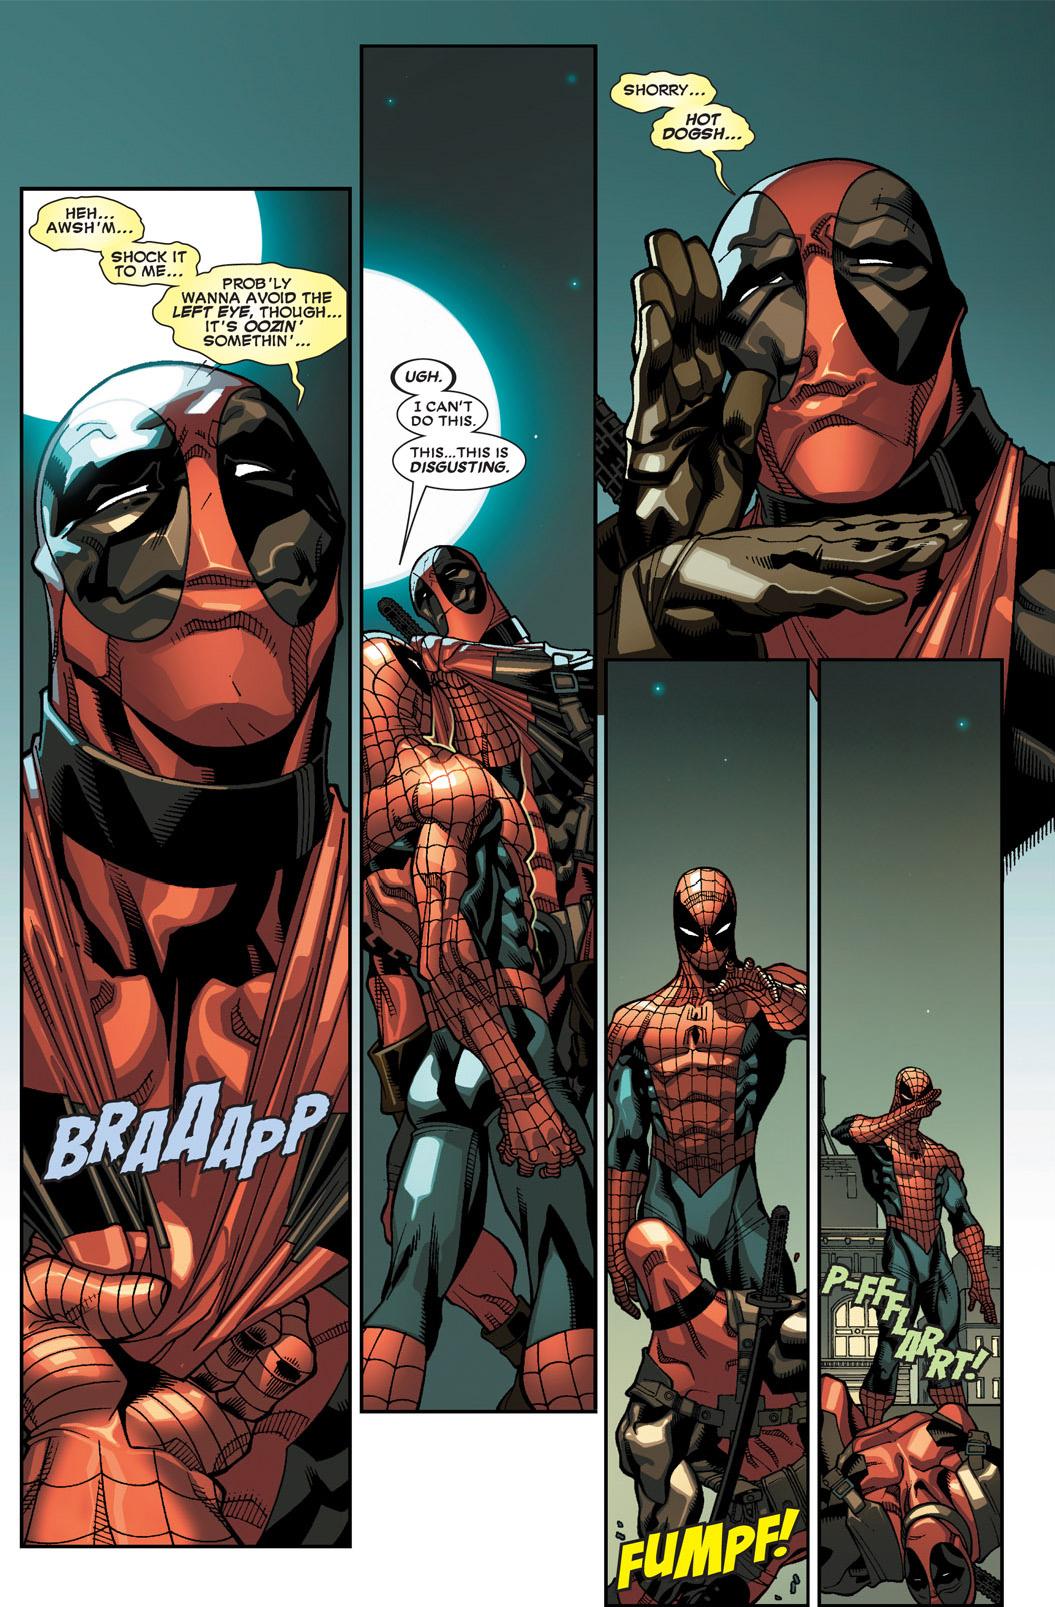 spider-man attacks deadpool